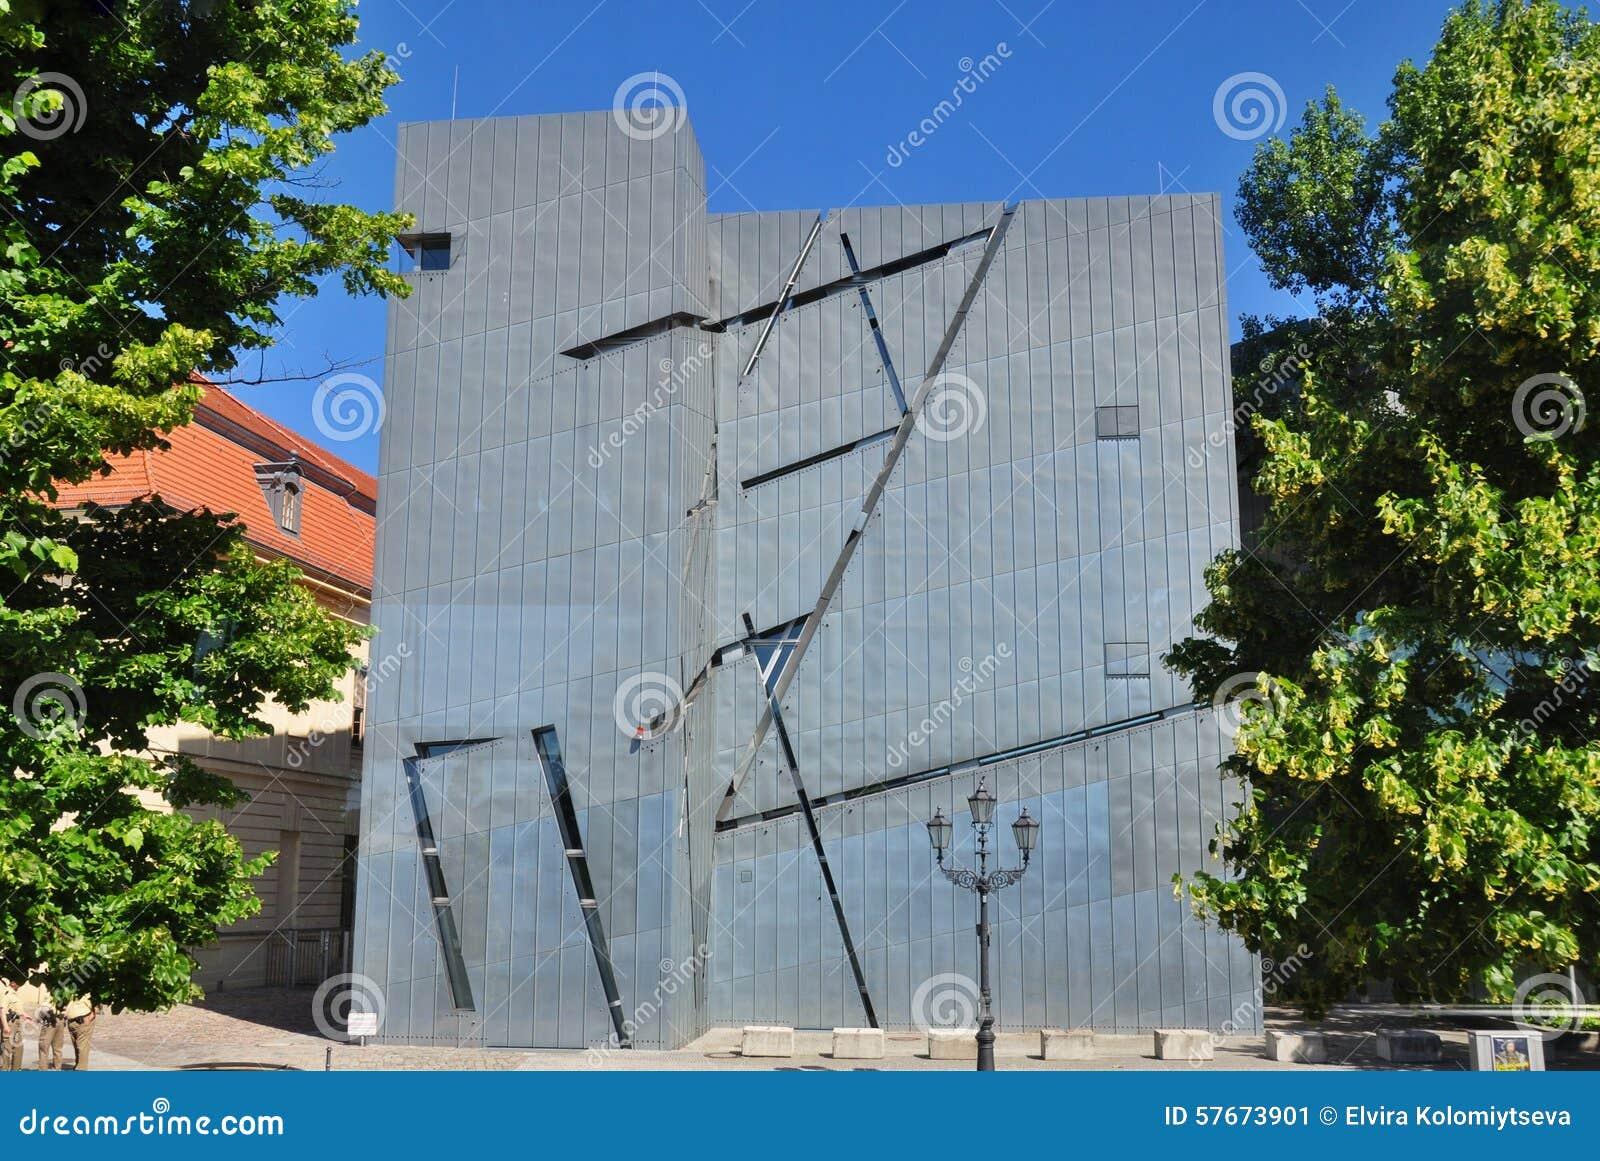 Joods Museum, Berlijn